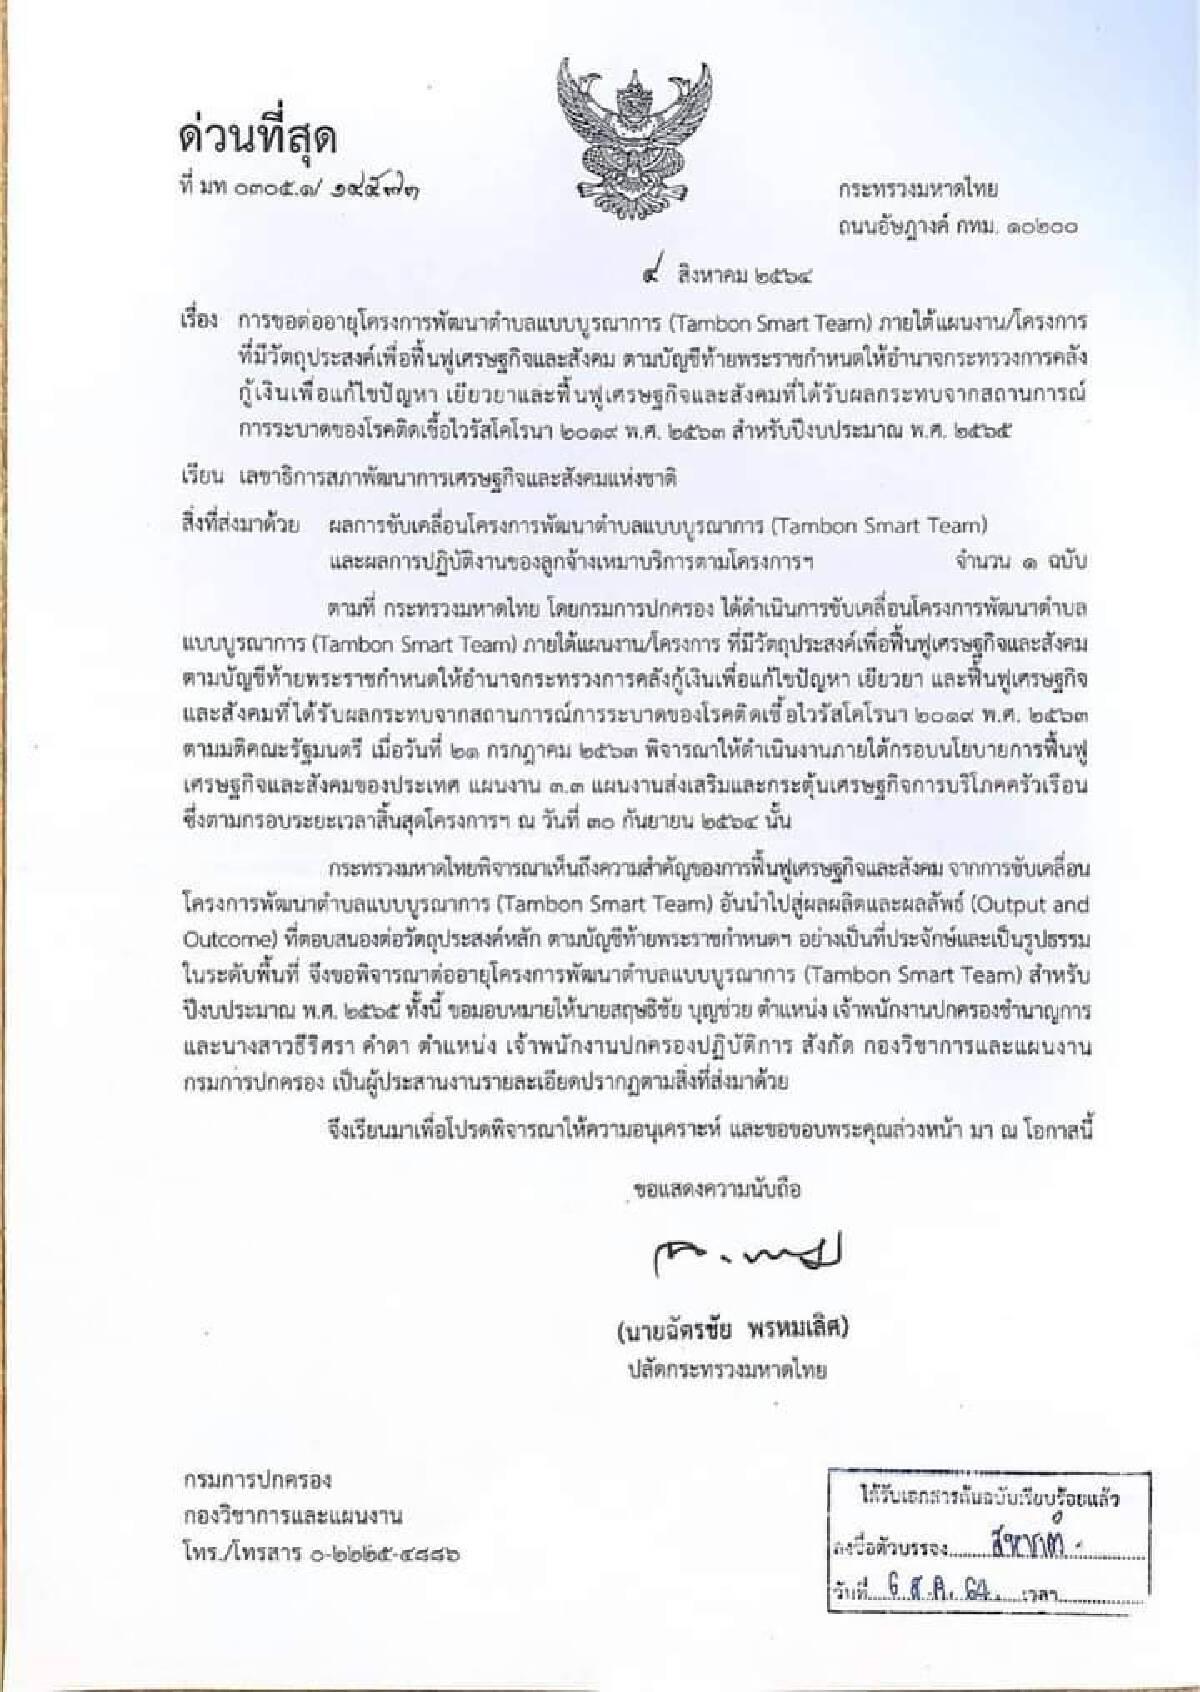 """""""เลขาฯสภาพัฒน์"""" ยอมรับยังไม่เห็นหนังสือต่อสัญญาโครงการ Tambon Smart Team"""